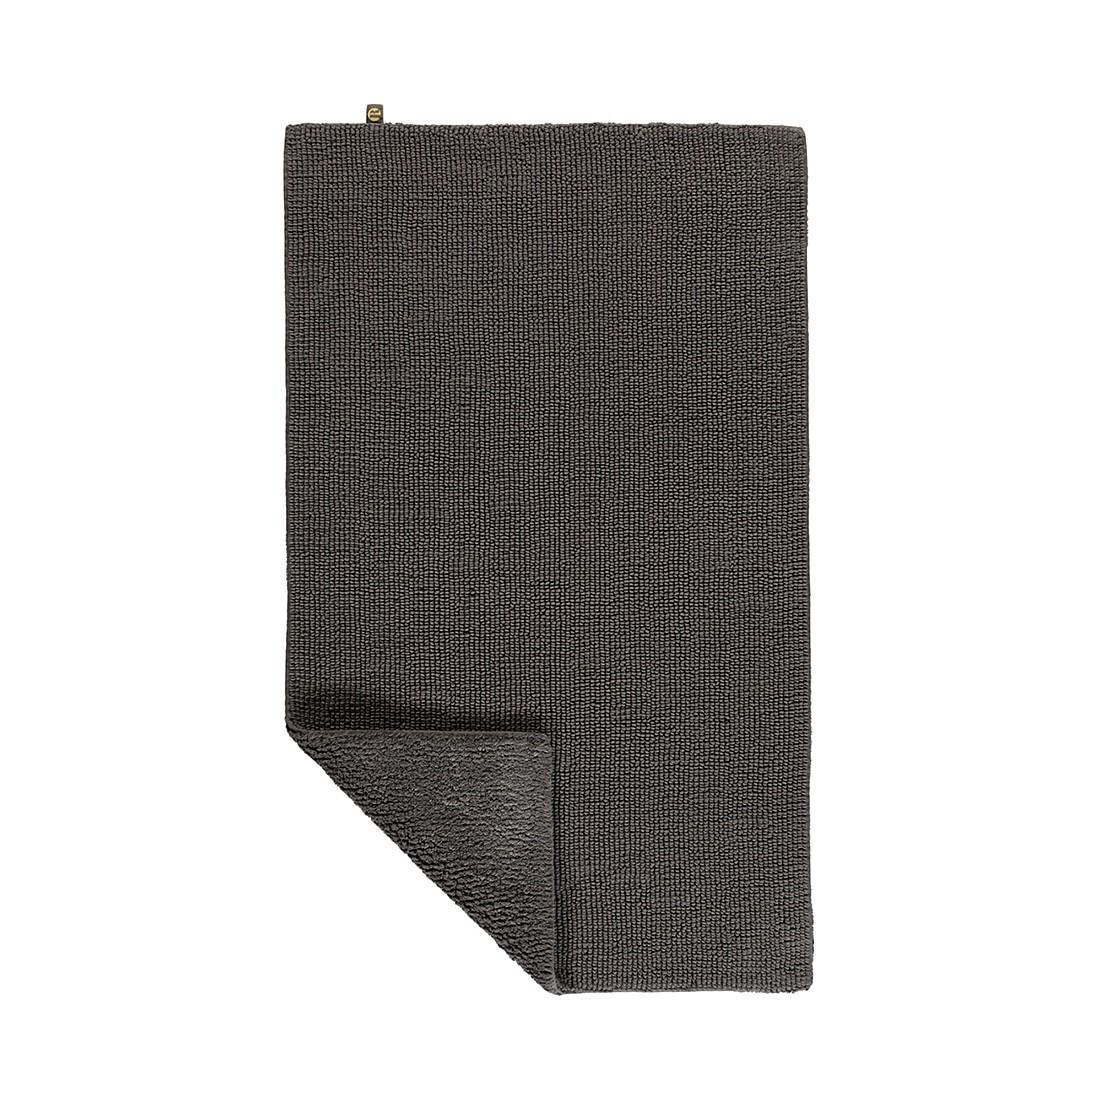 Badteppiche Pur – 100% Baumwolle moor – 346 – 70 x 130 cm, Rhomtuft günstig kaufen